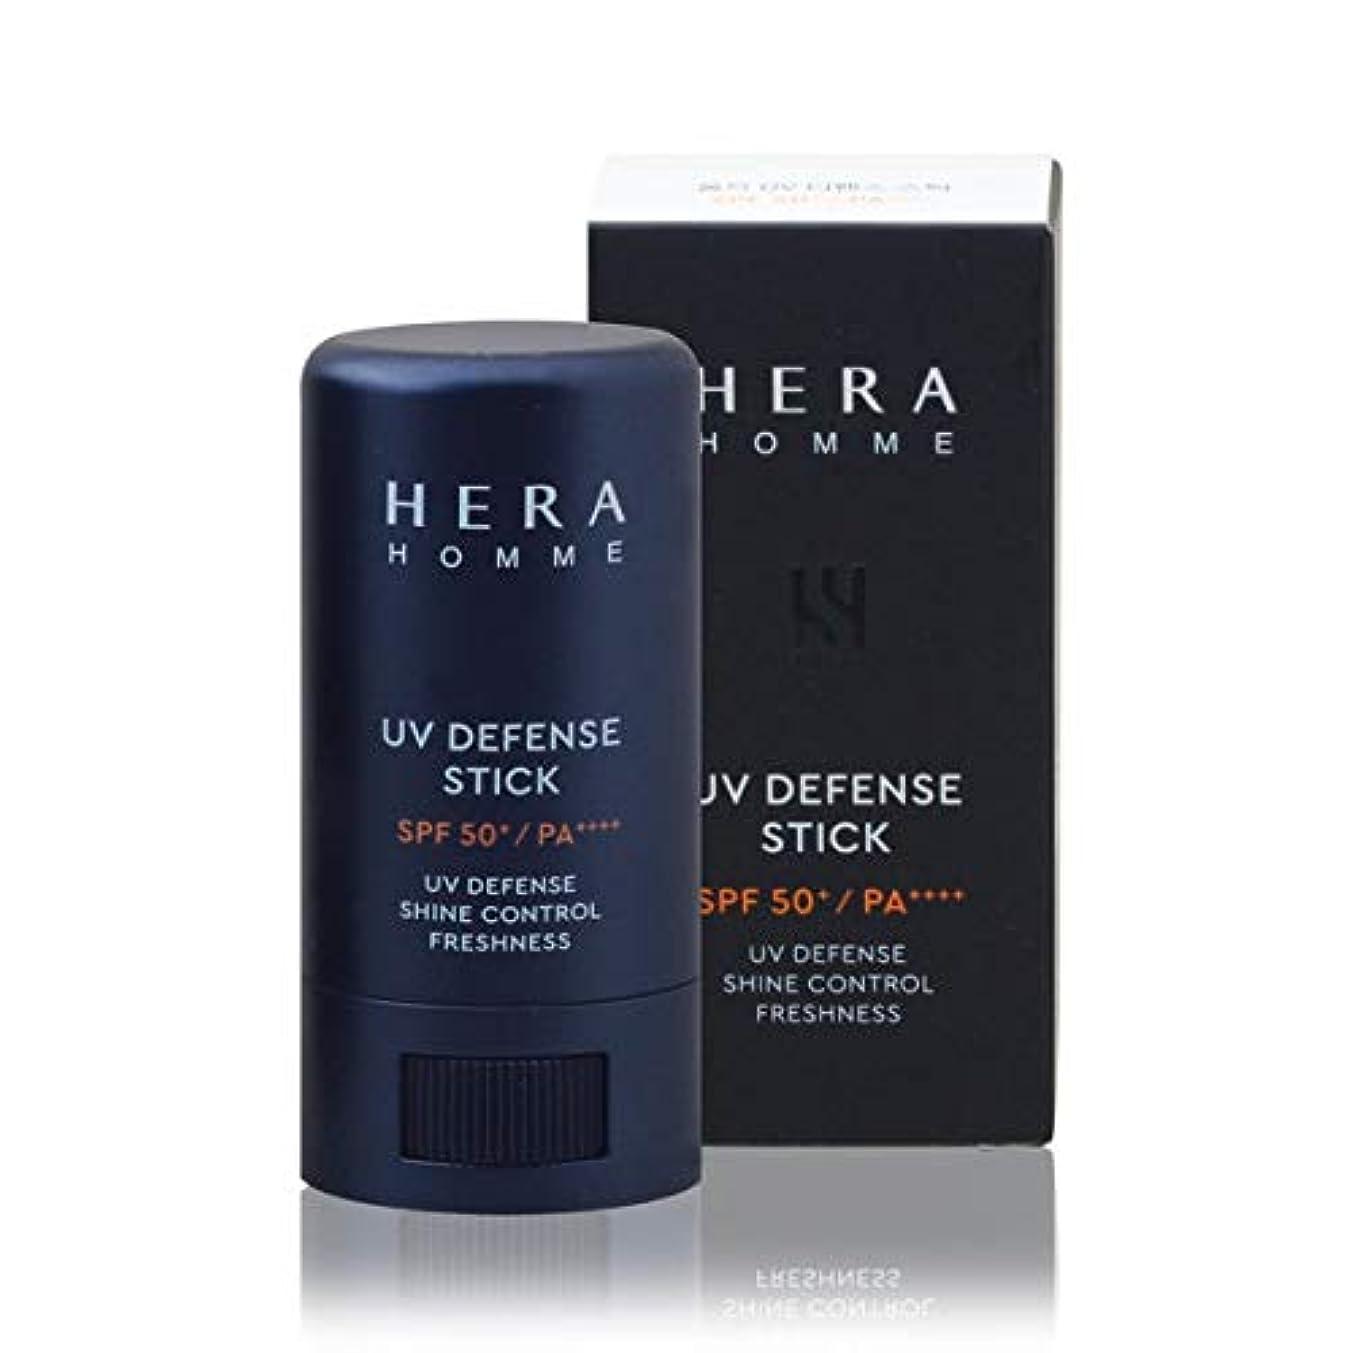 来て文字地区HERA【ヘラ】オム ディフェンススティック/Homme UV Defense Stick 18g, SPF50+/PA++++